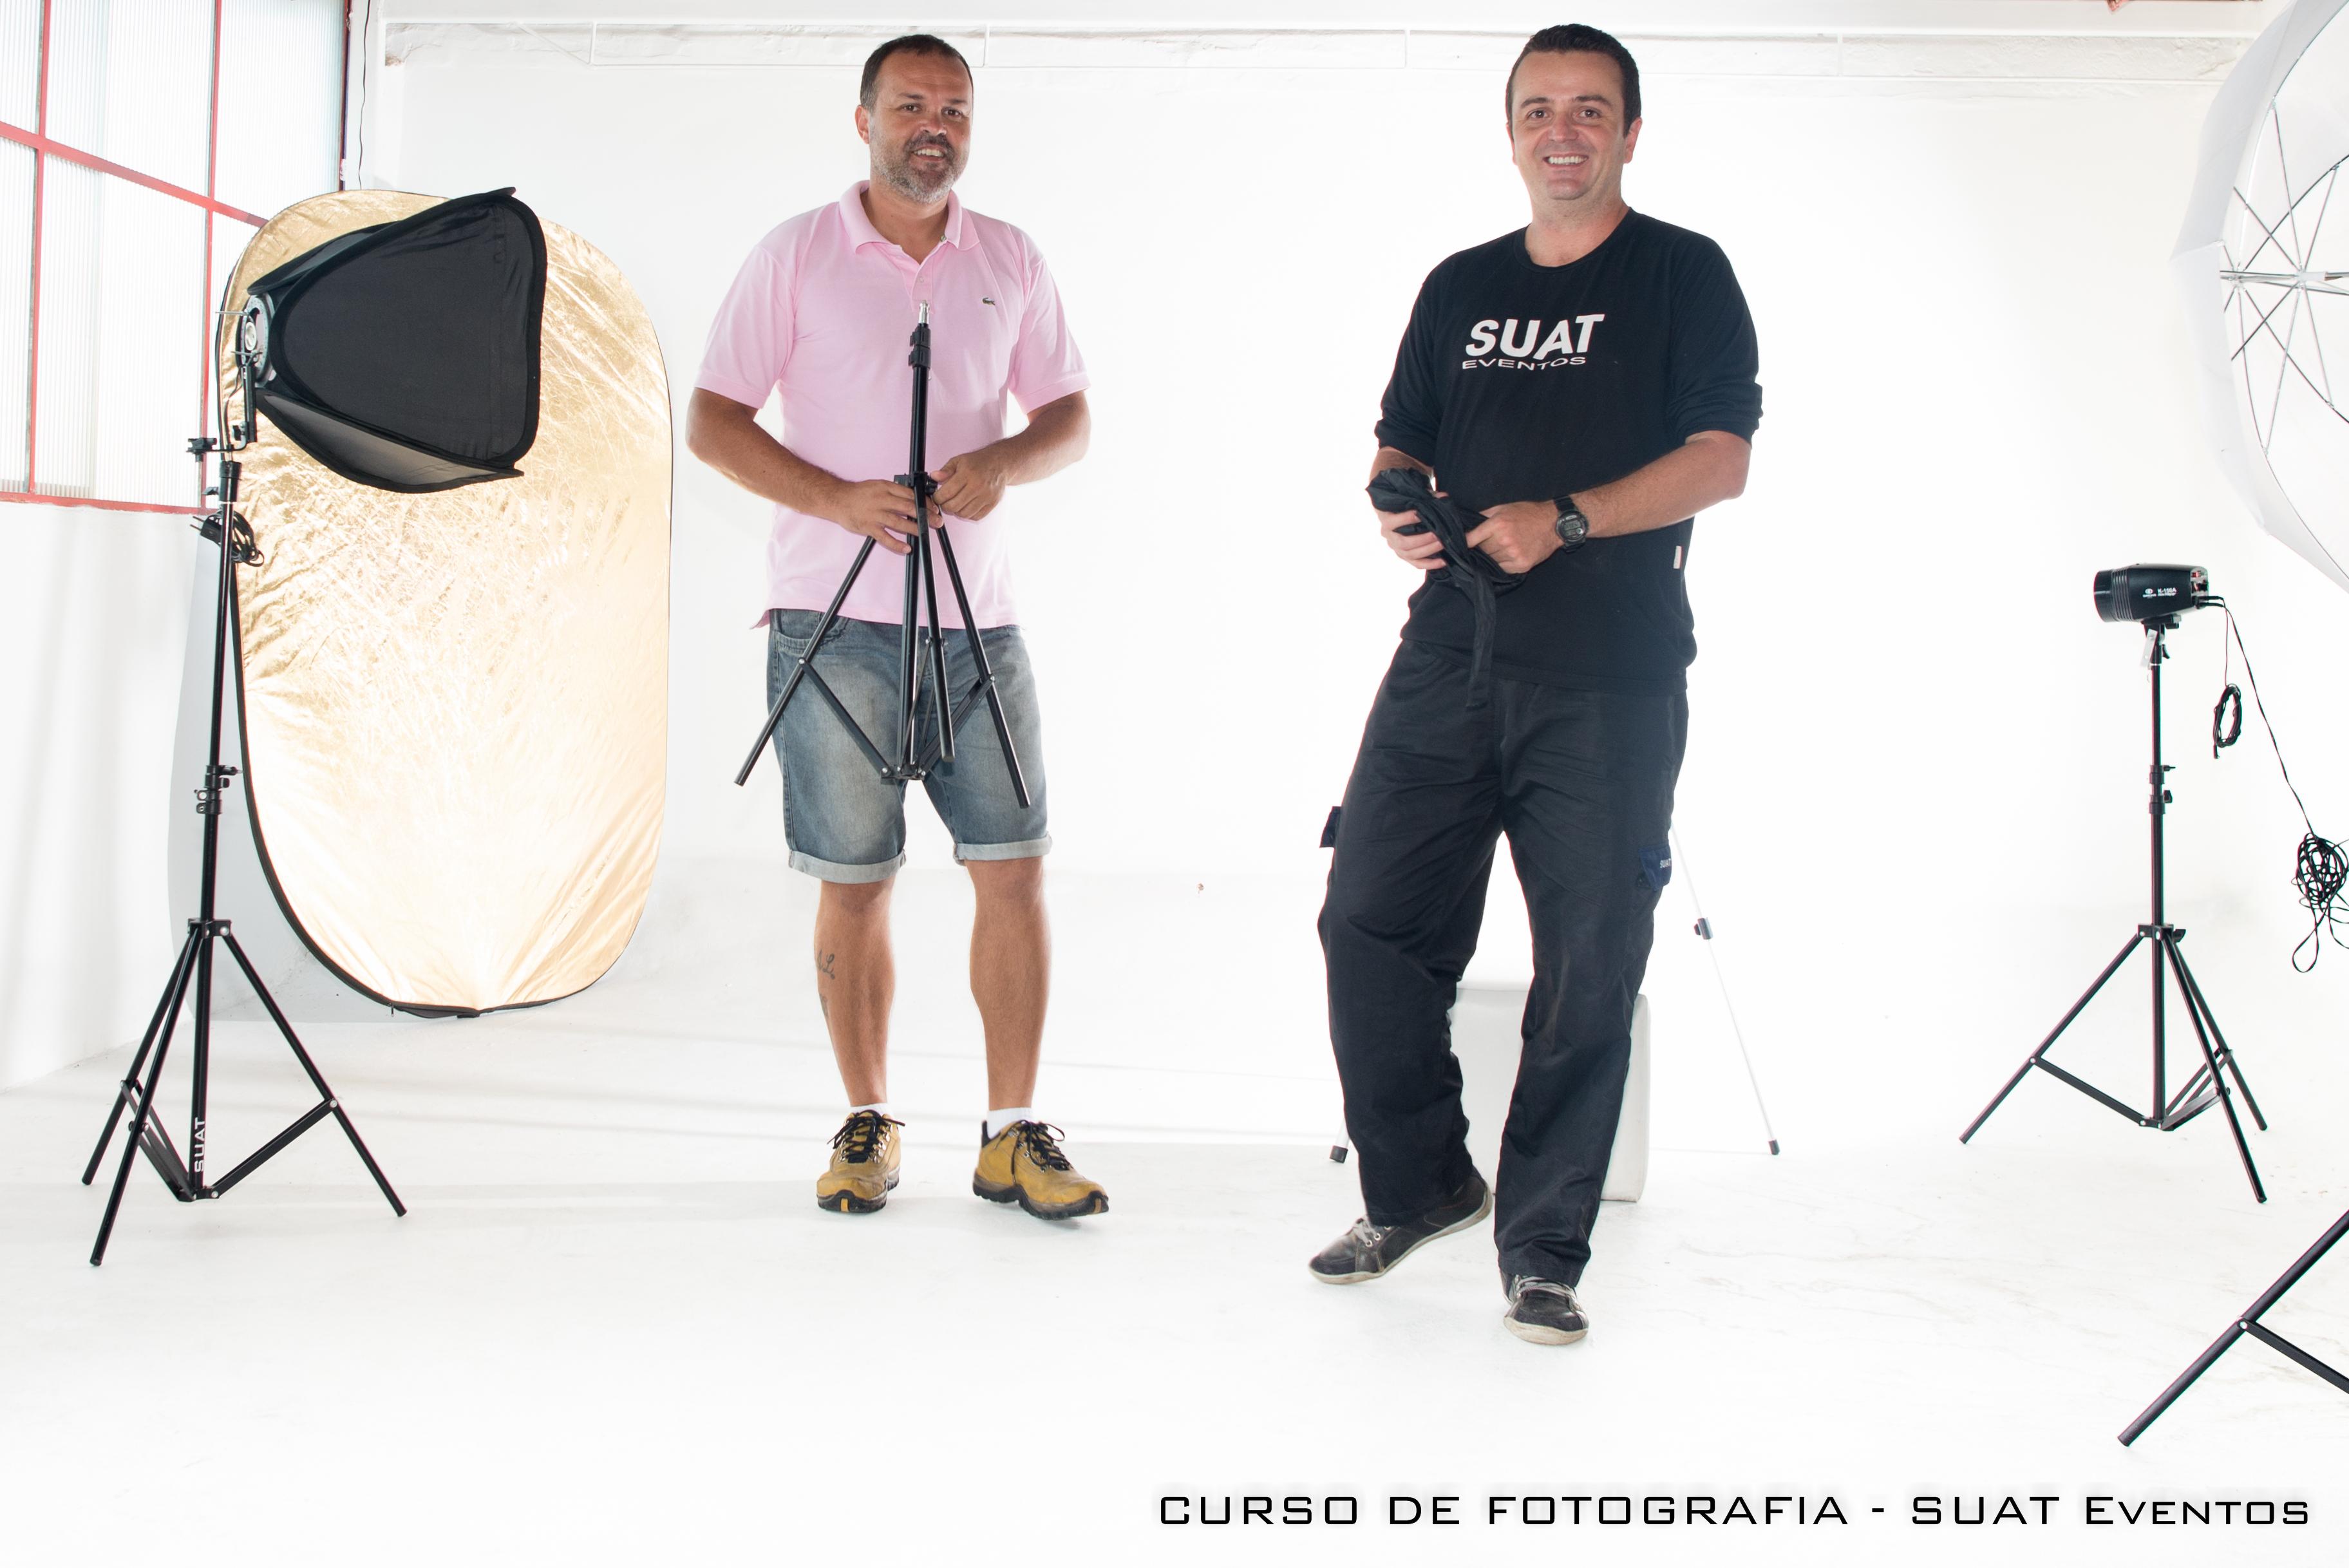 CURSO DE FOTO - Aula em estúdio